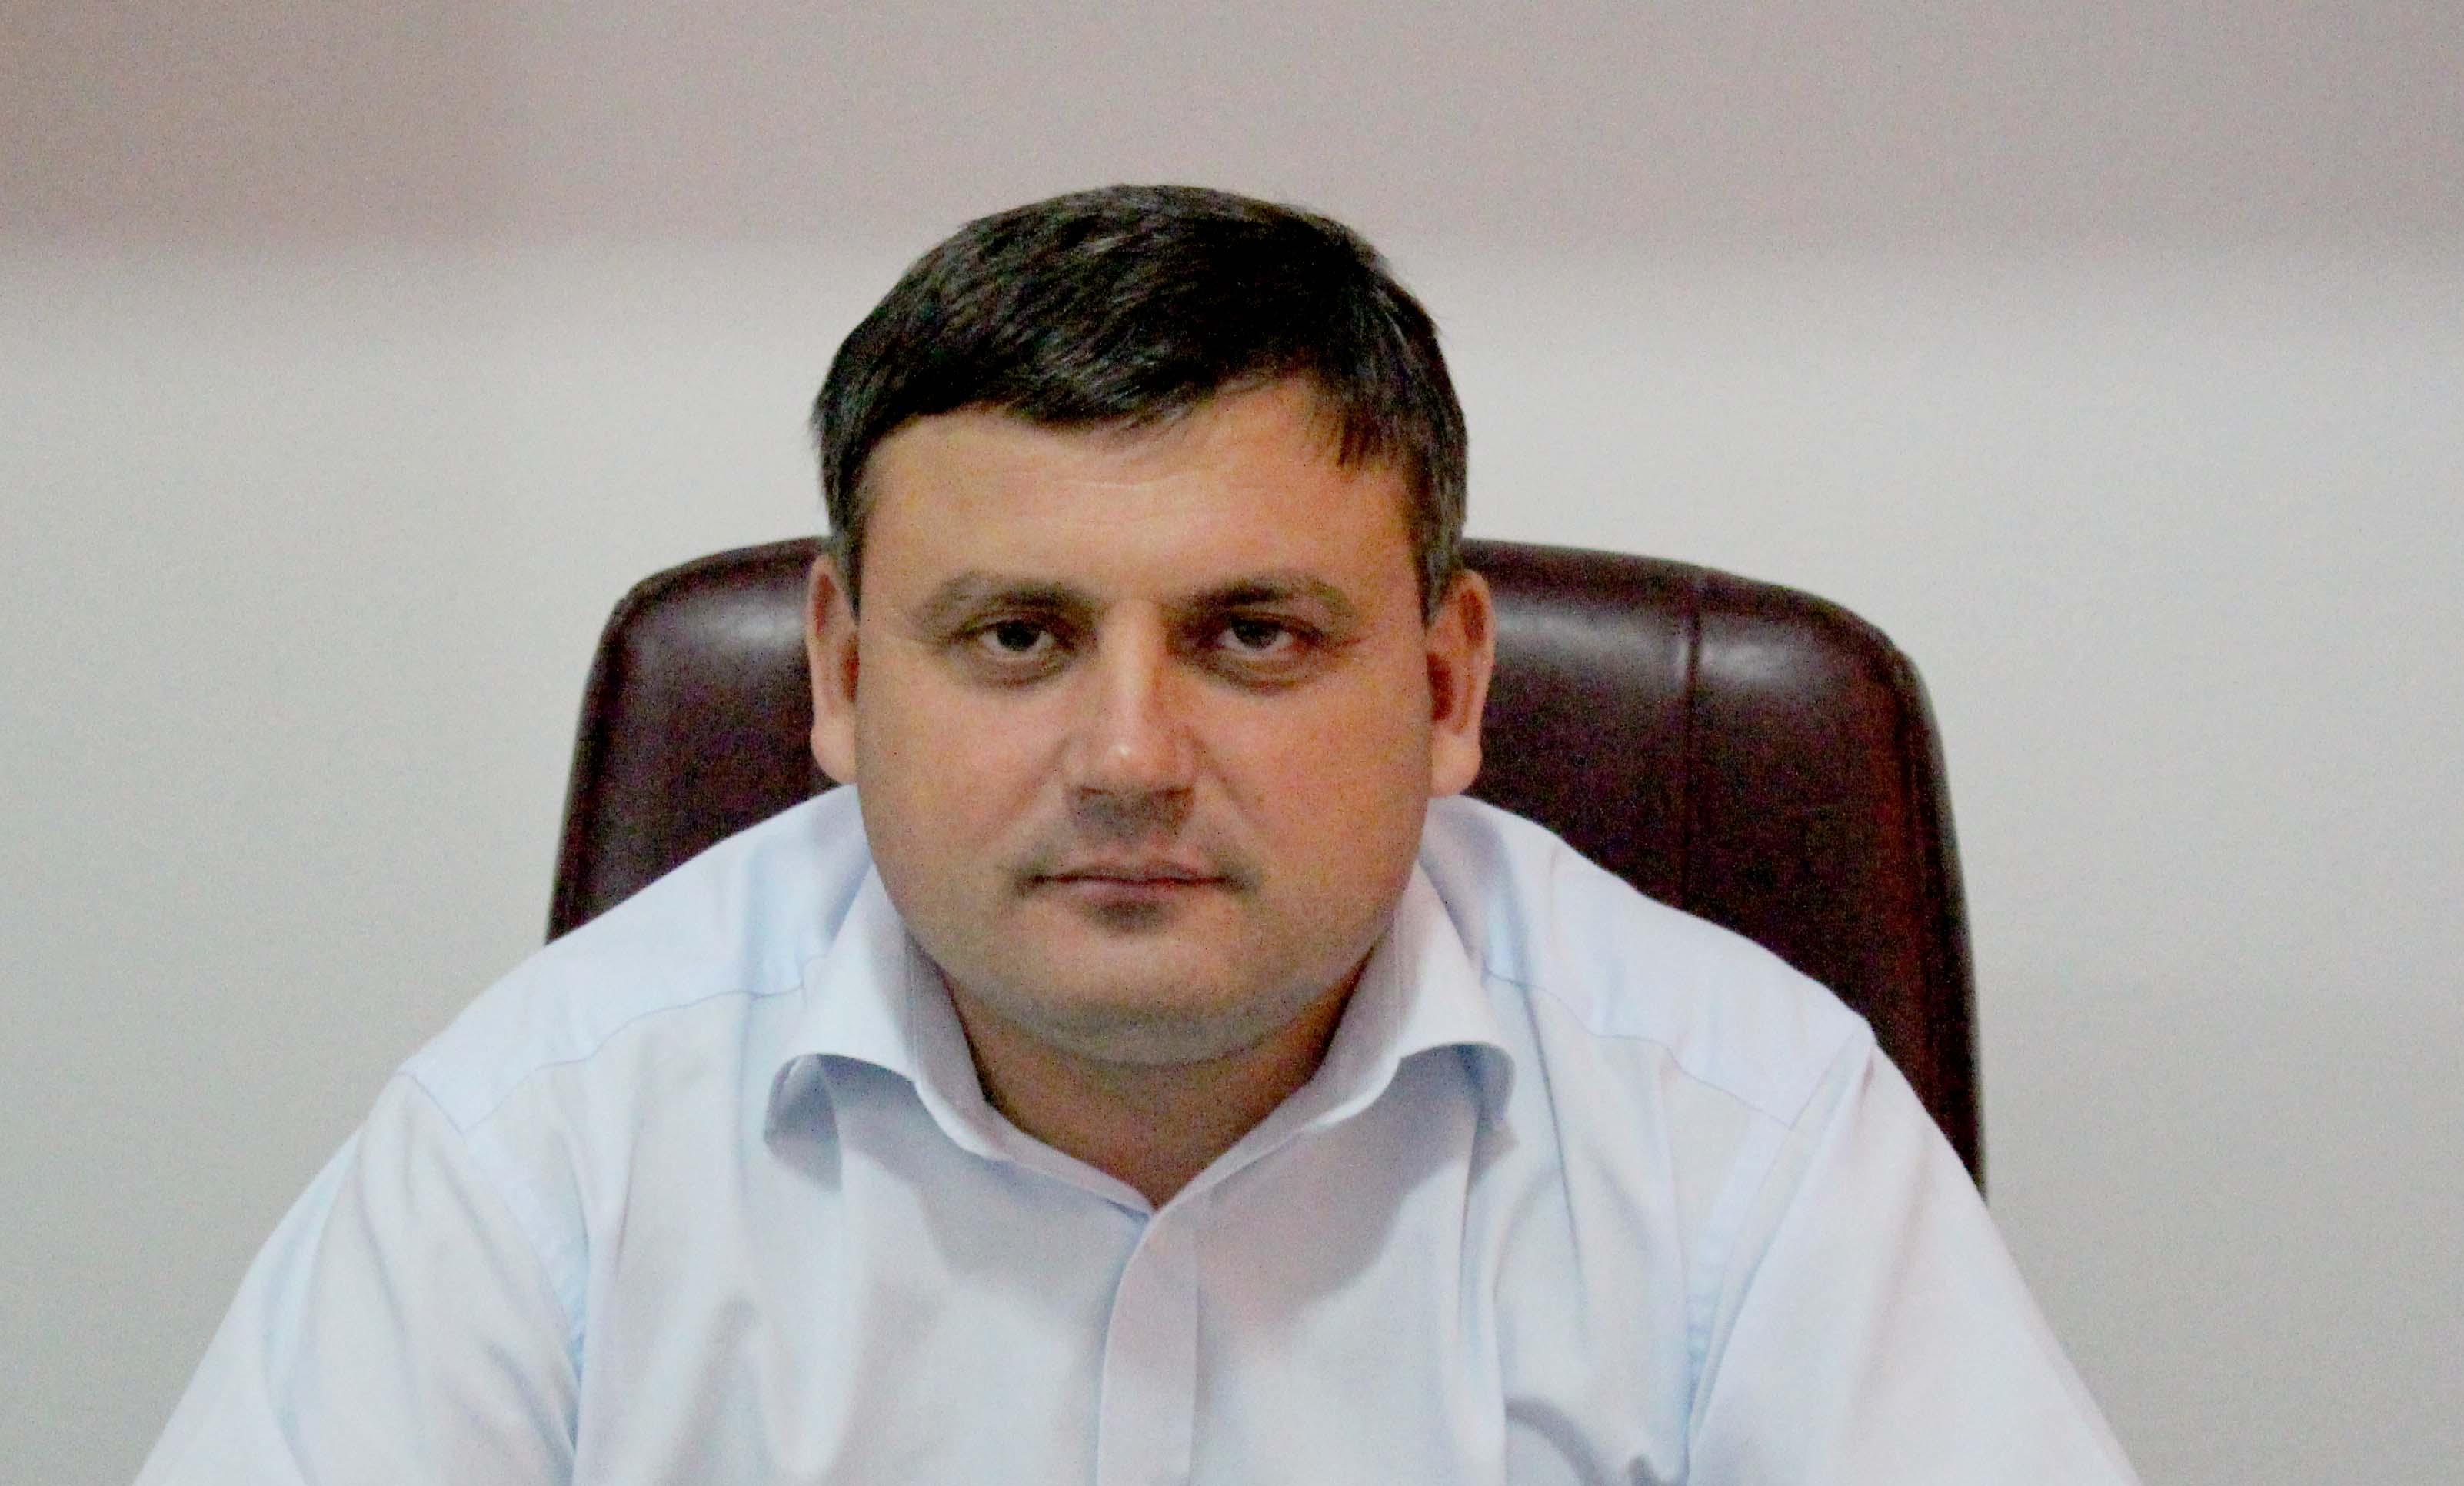 Gheorghe Budică, primarul care se luptă în instanță pentru a demonstra abuzurile ANI